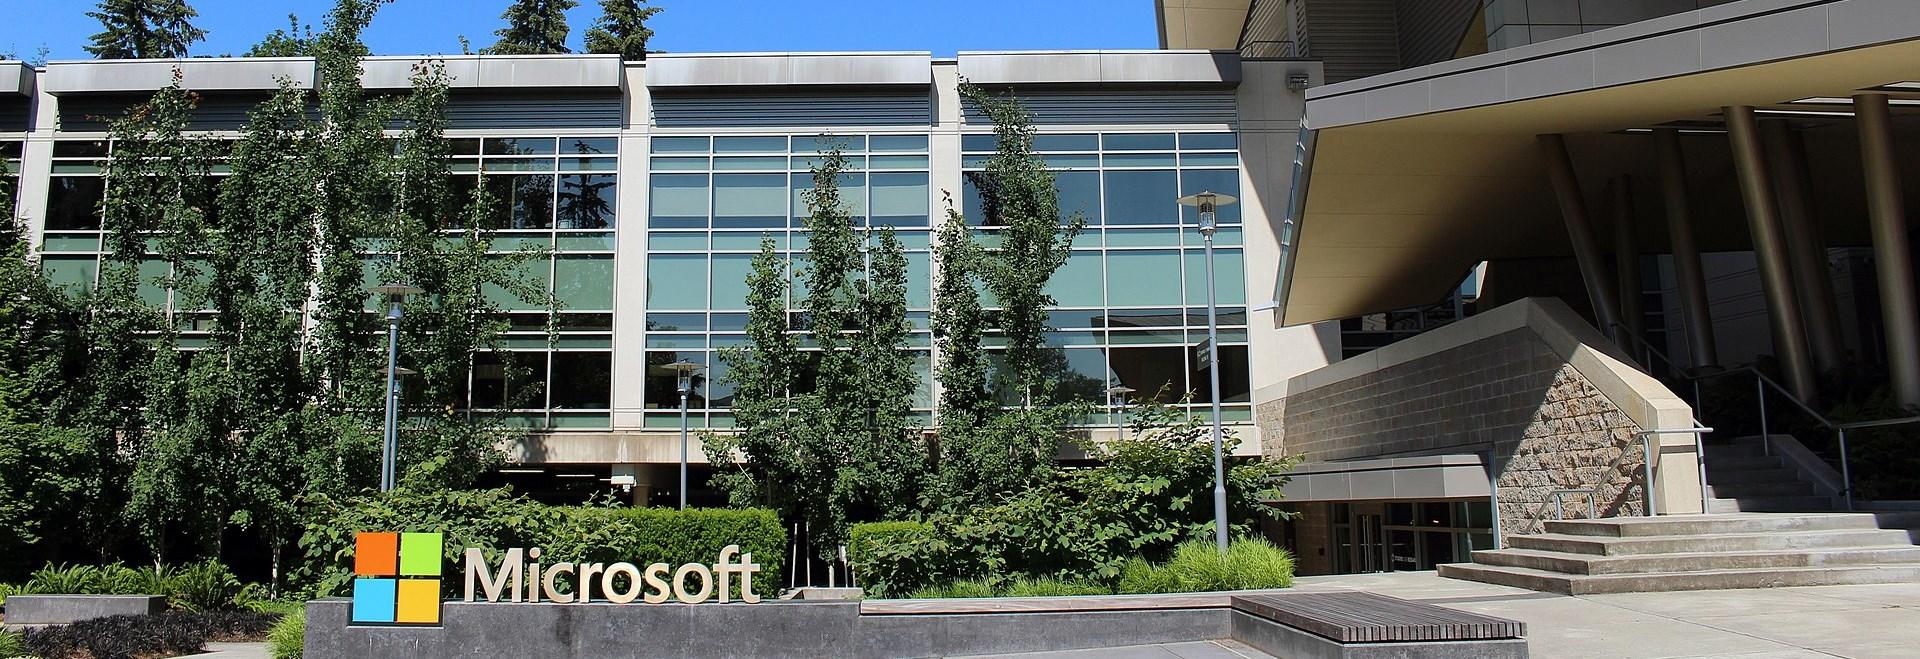 Microsoft протестировала 4-х дневную рабочую неделю